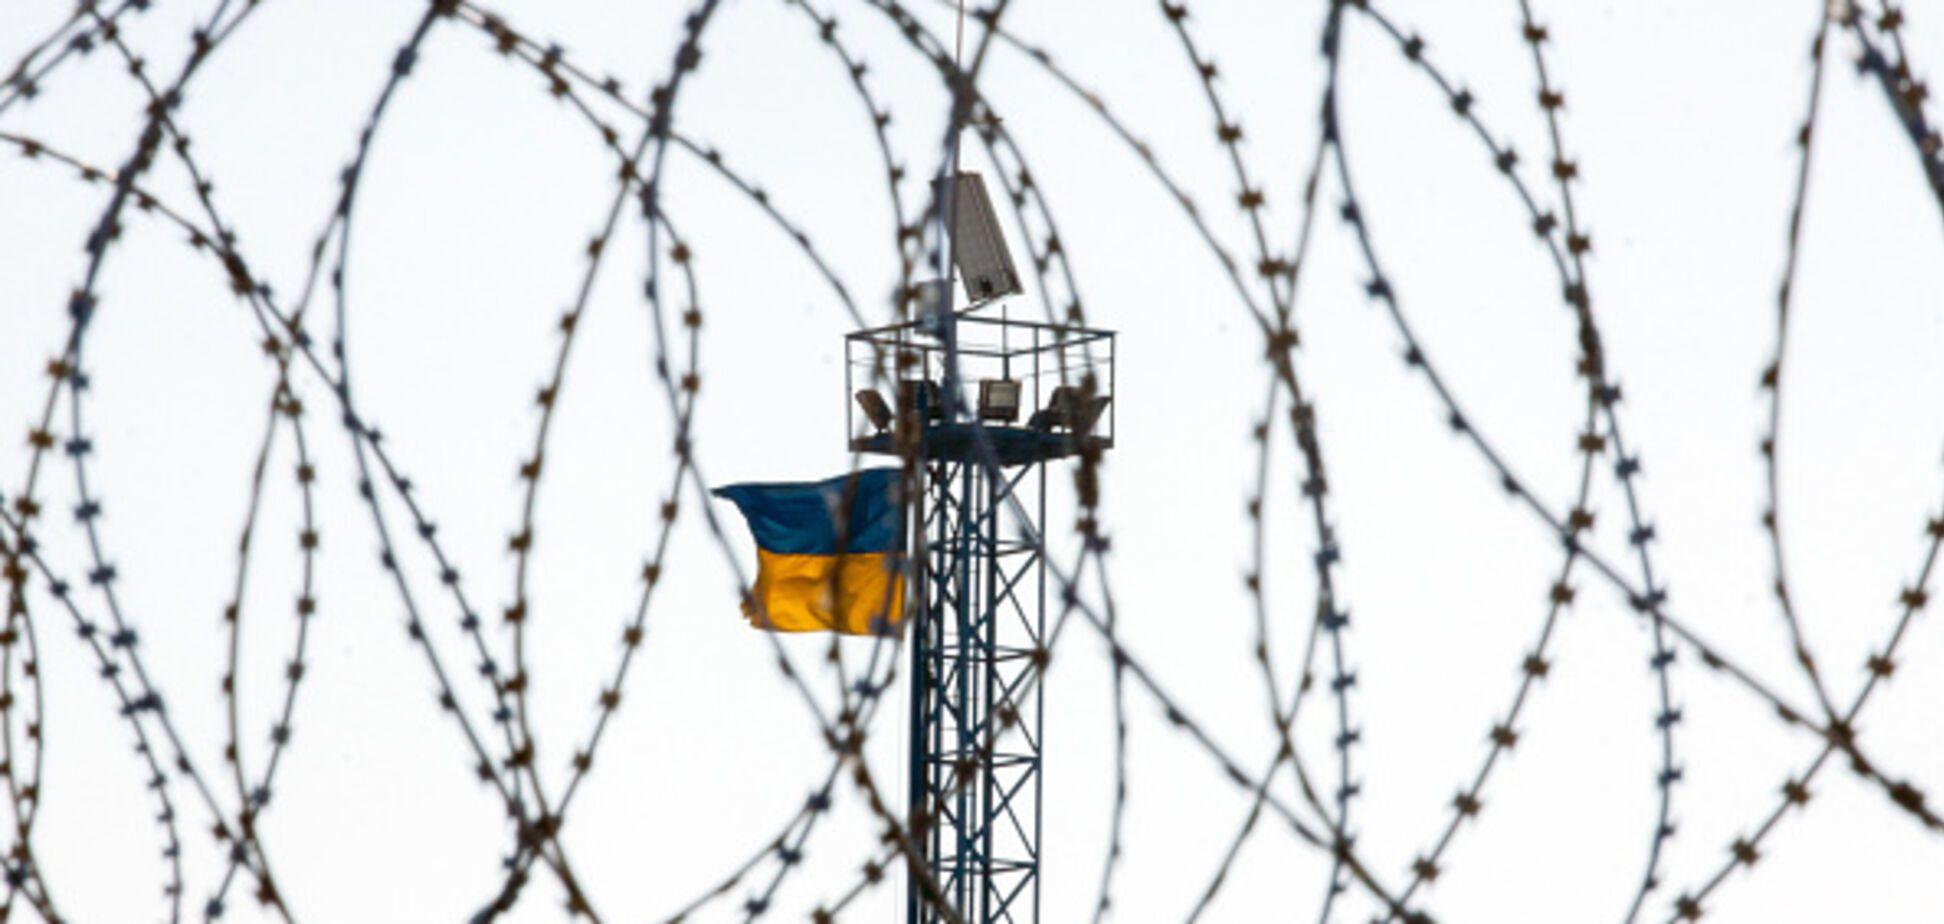 Суд принял решение по владельцу частной границы на Закарпатье